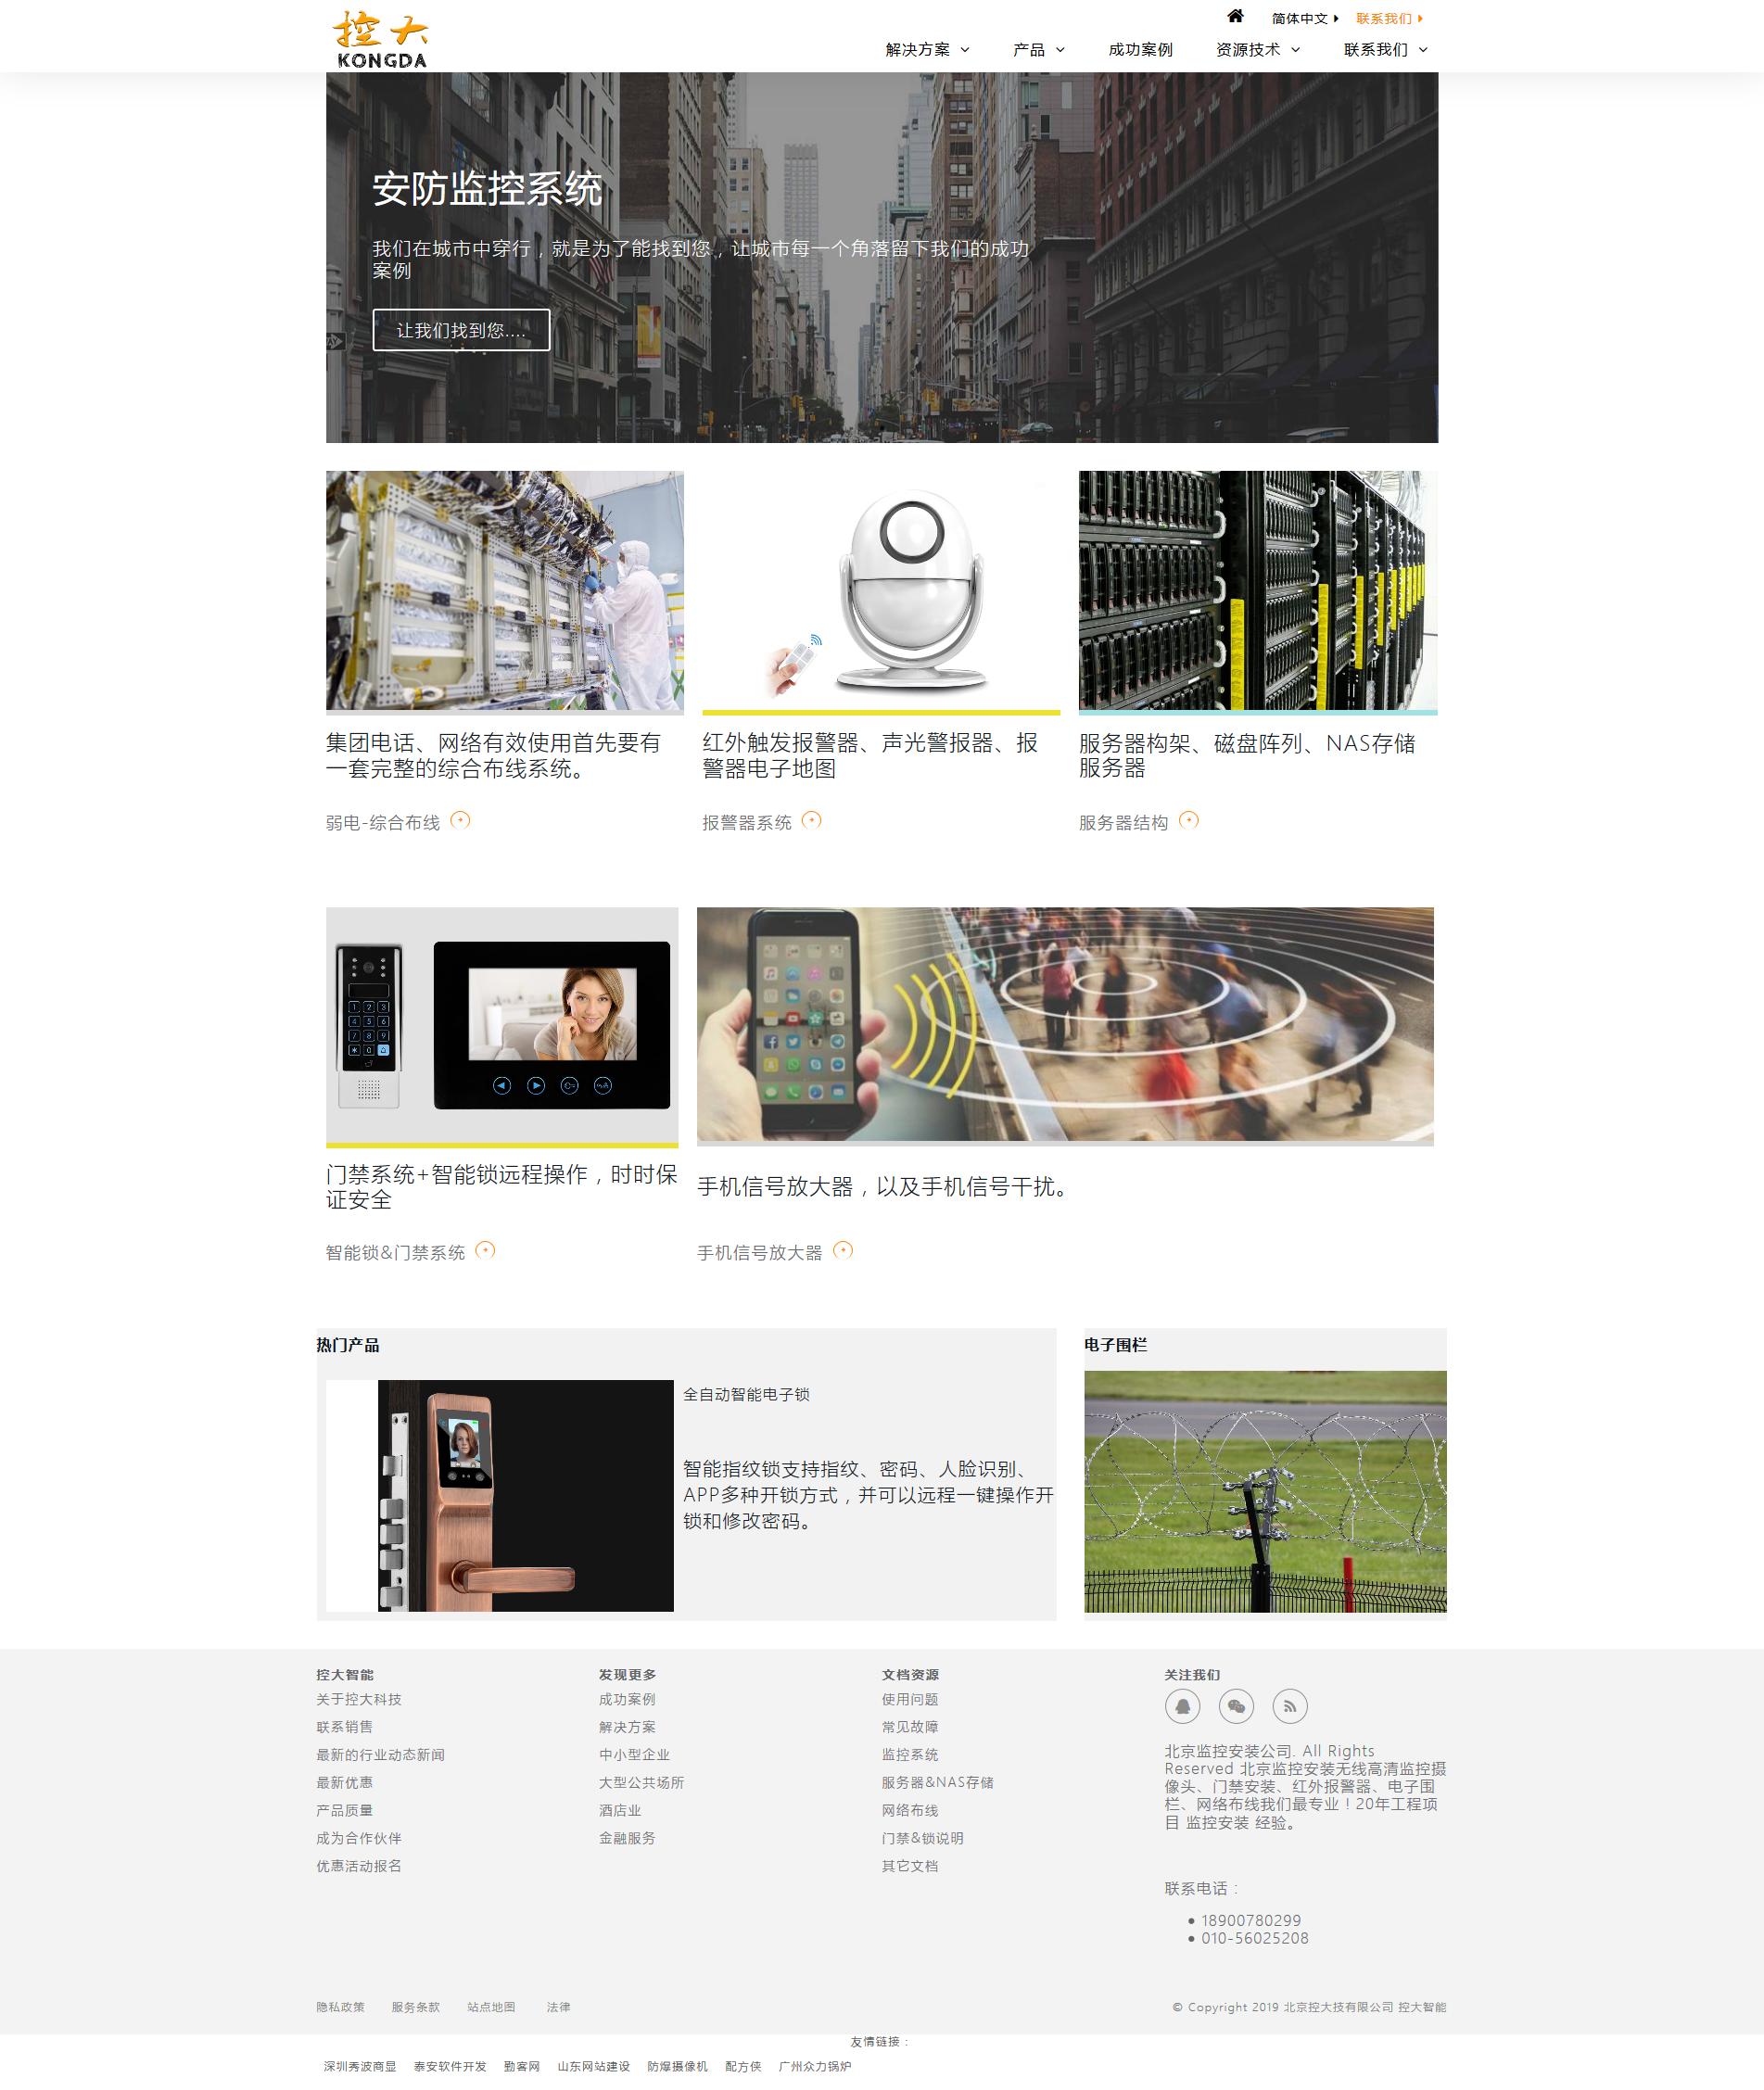 11 北京控大科技有限公司